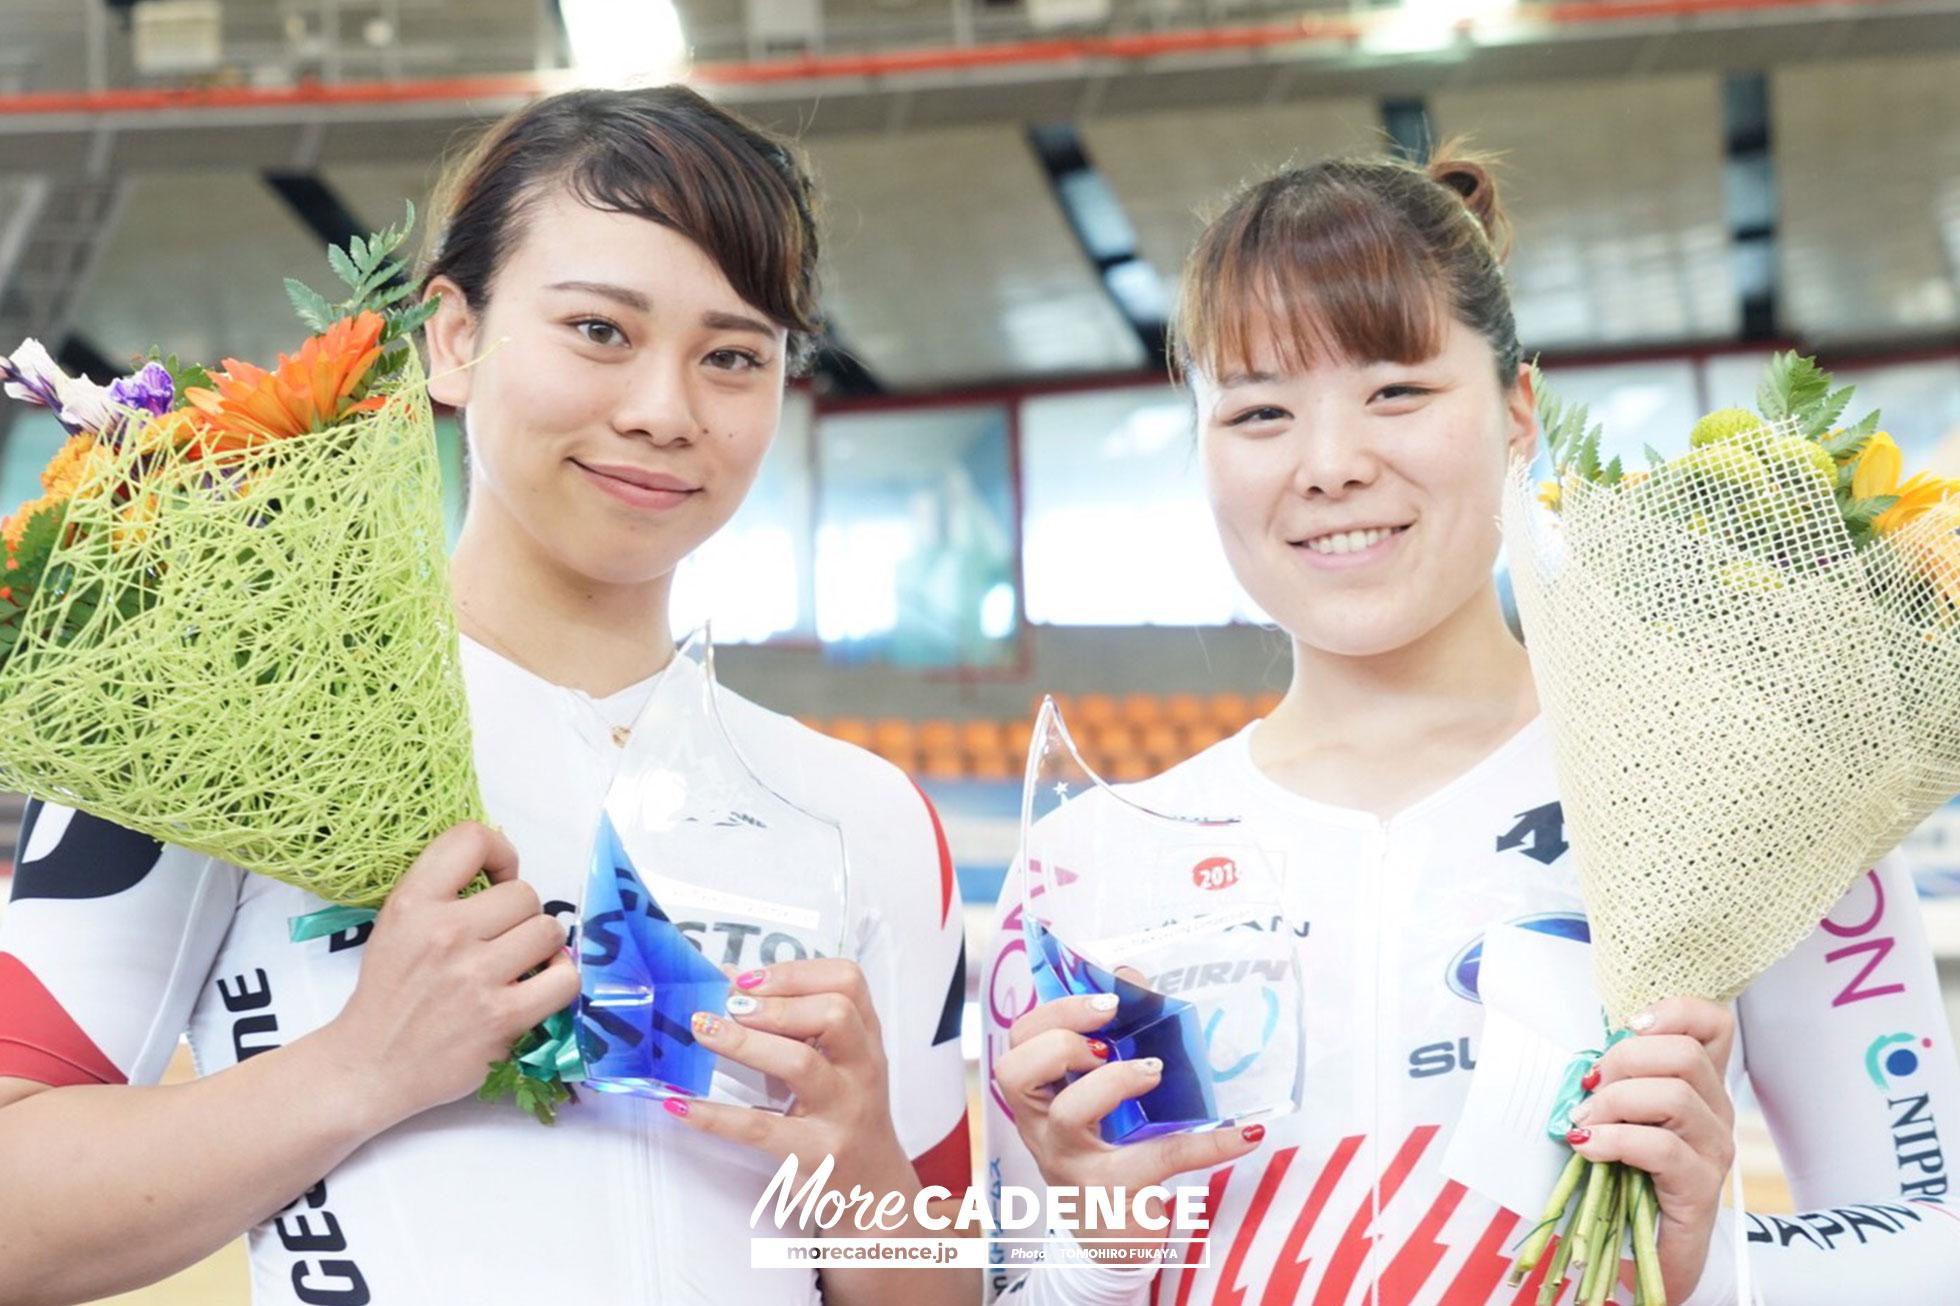 優勝:小林優香、2位:太田りゆ